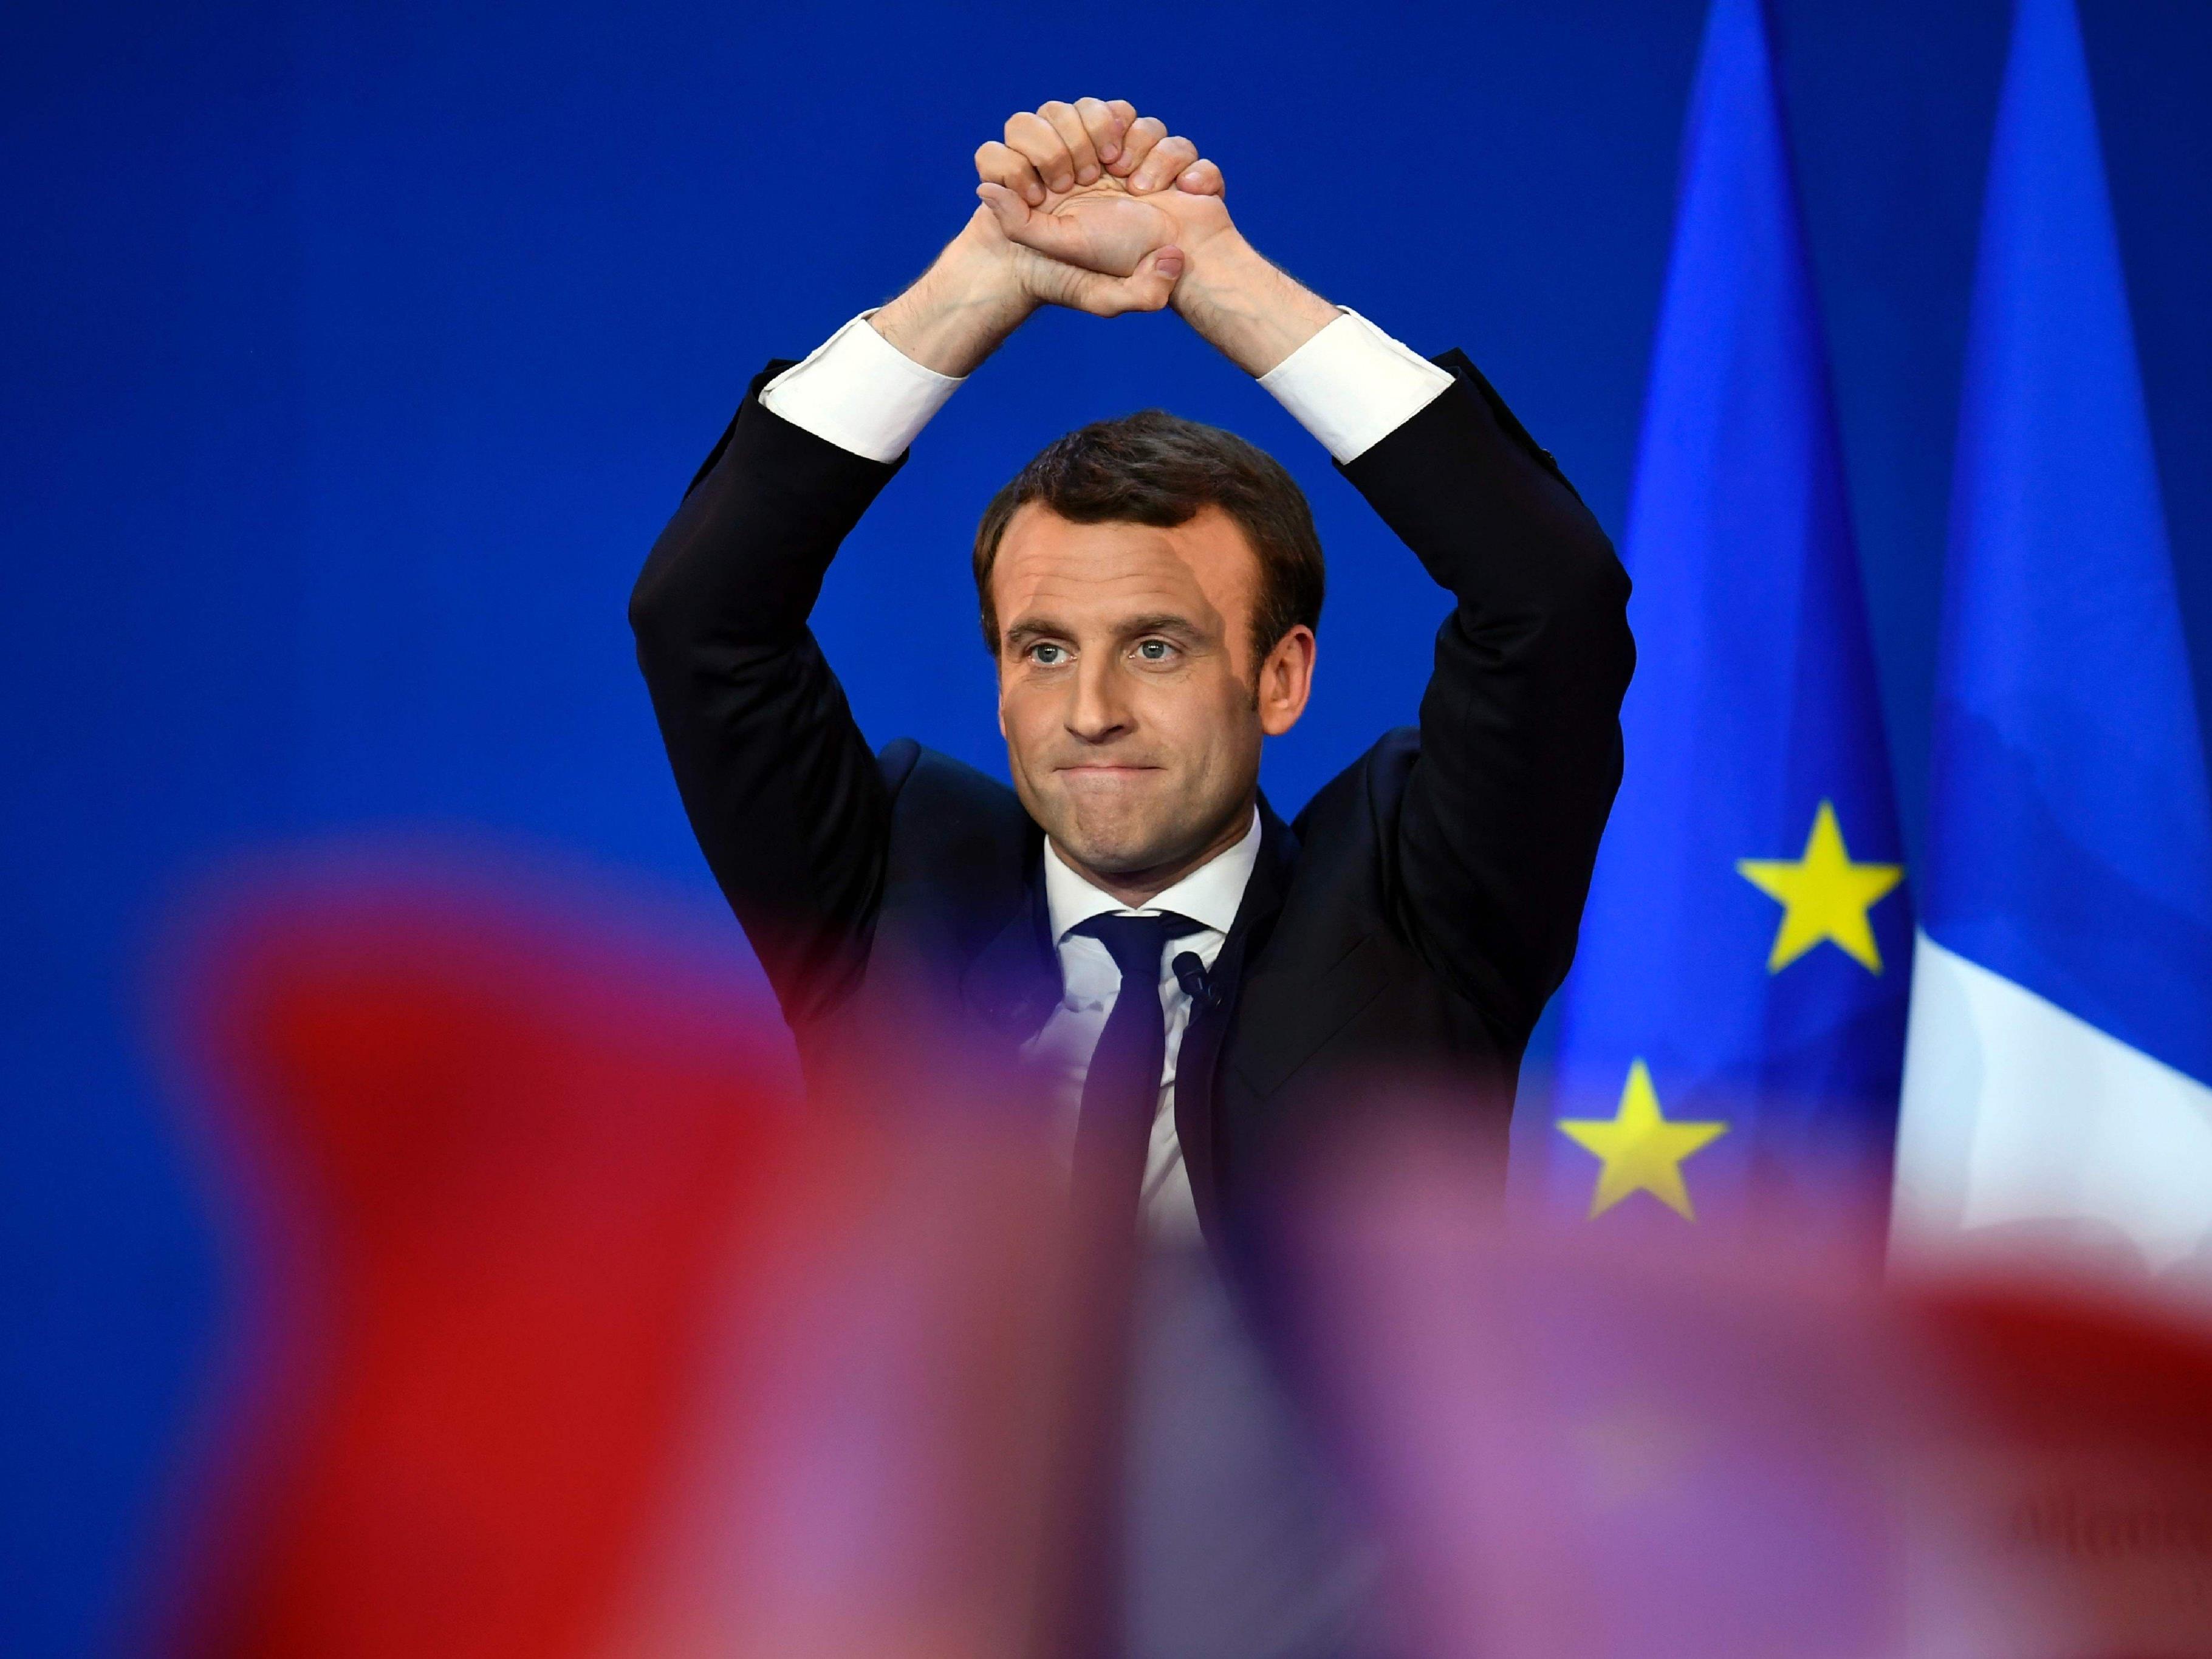 Macron geht am Sonntag als Wahlsieger hervor.